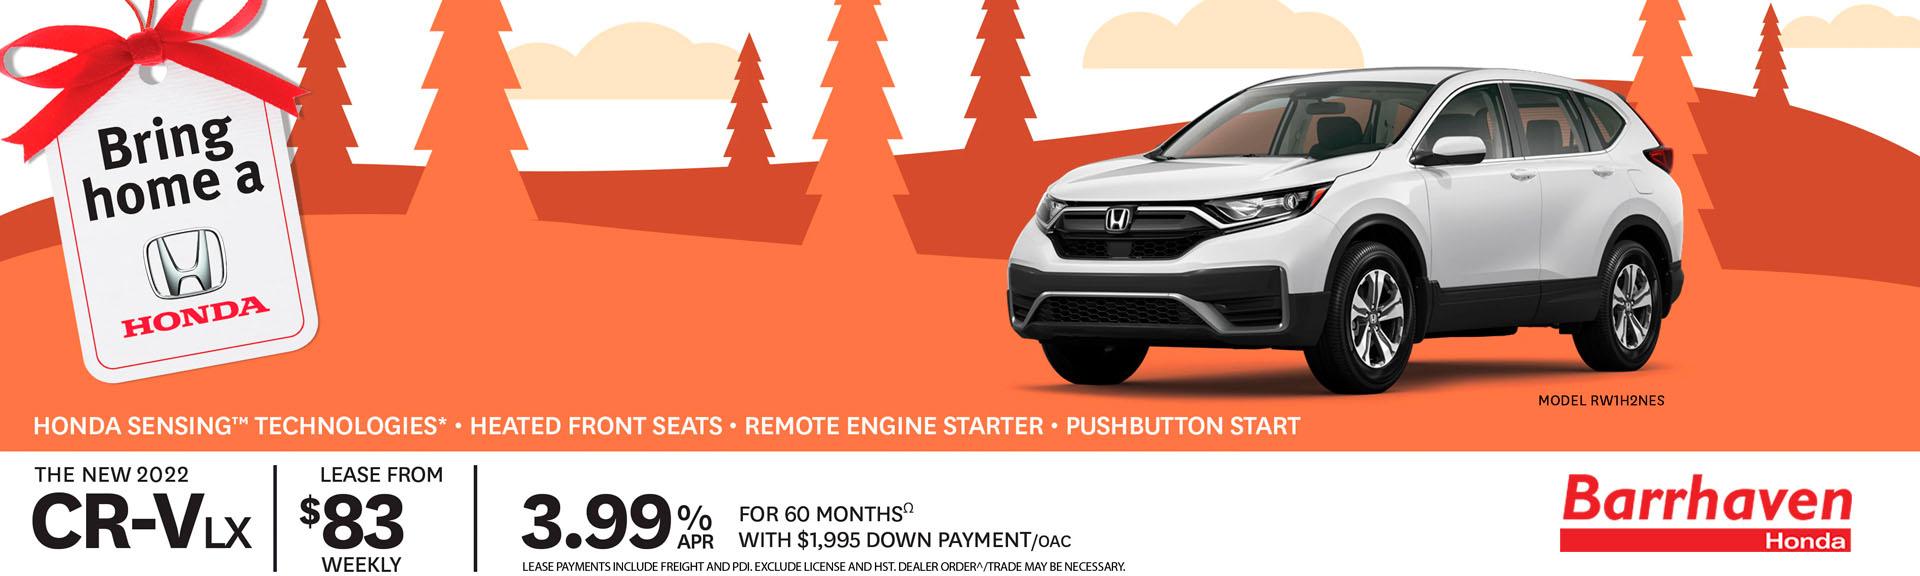 2022 Honda CR-V Promotional Banner